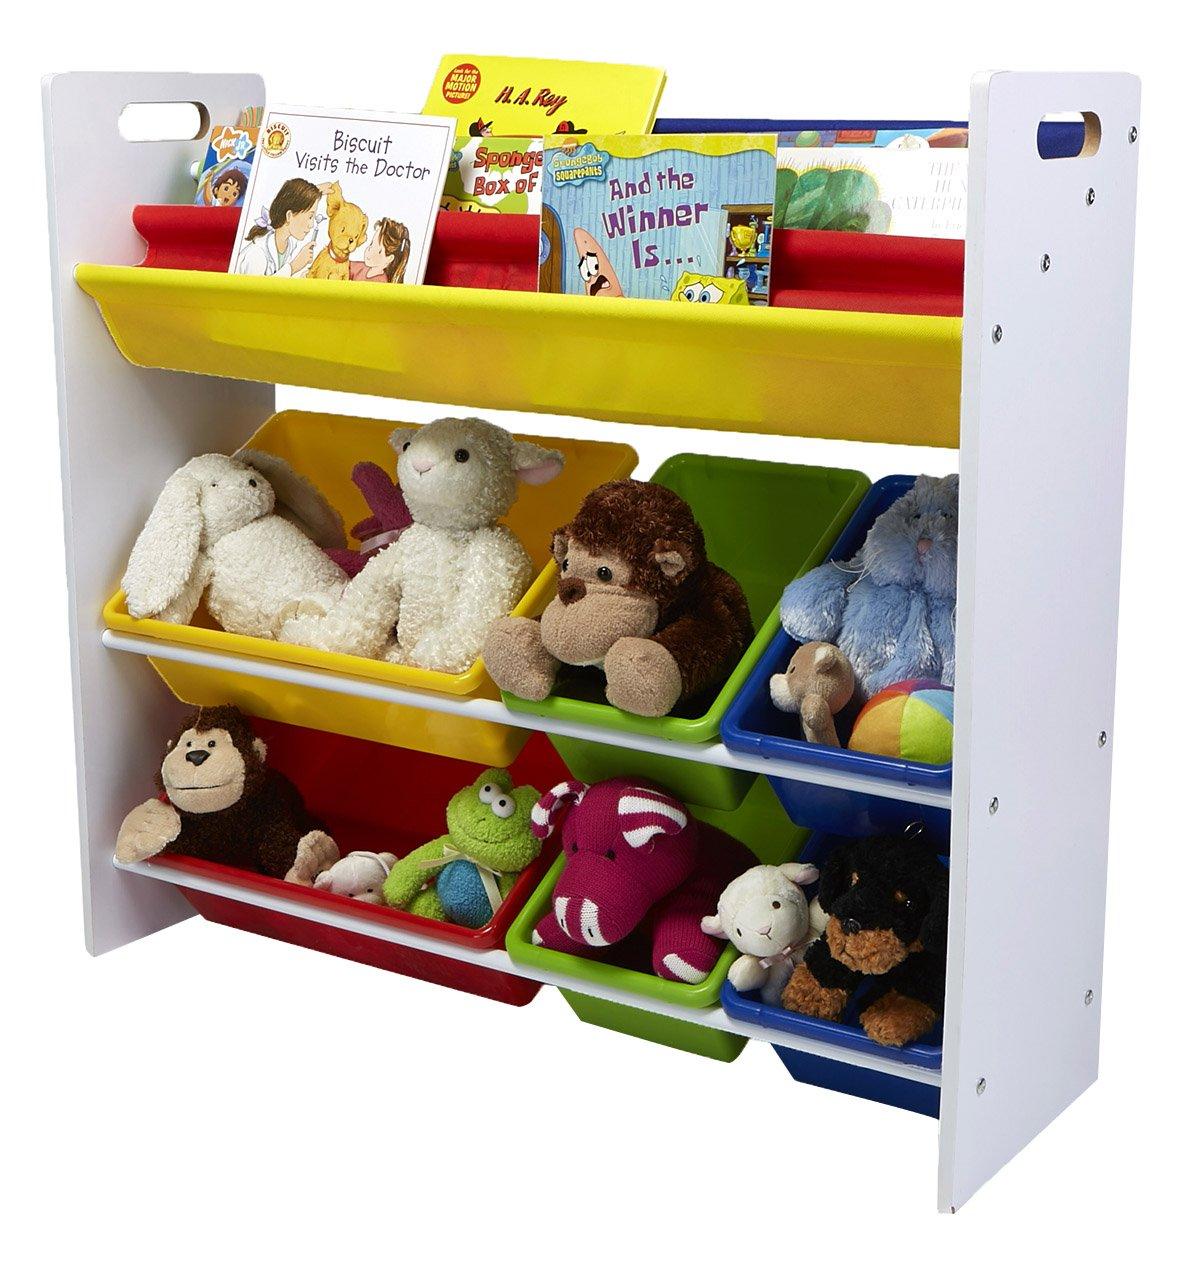 Mind Reader Toy Storage Organizer with 6 Storage Bins and Bookshelf, Kids Storage for Bedroom by Mind Reader